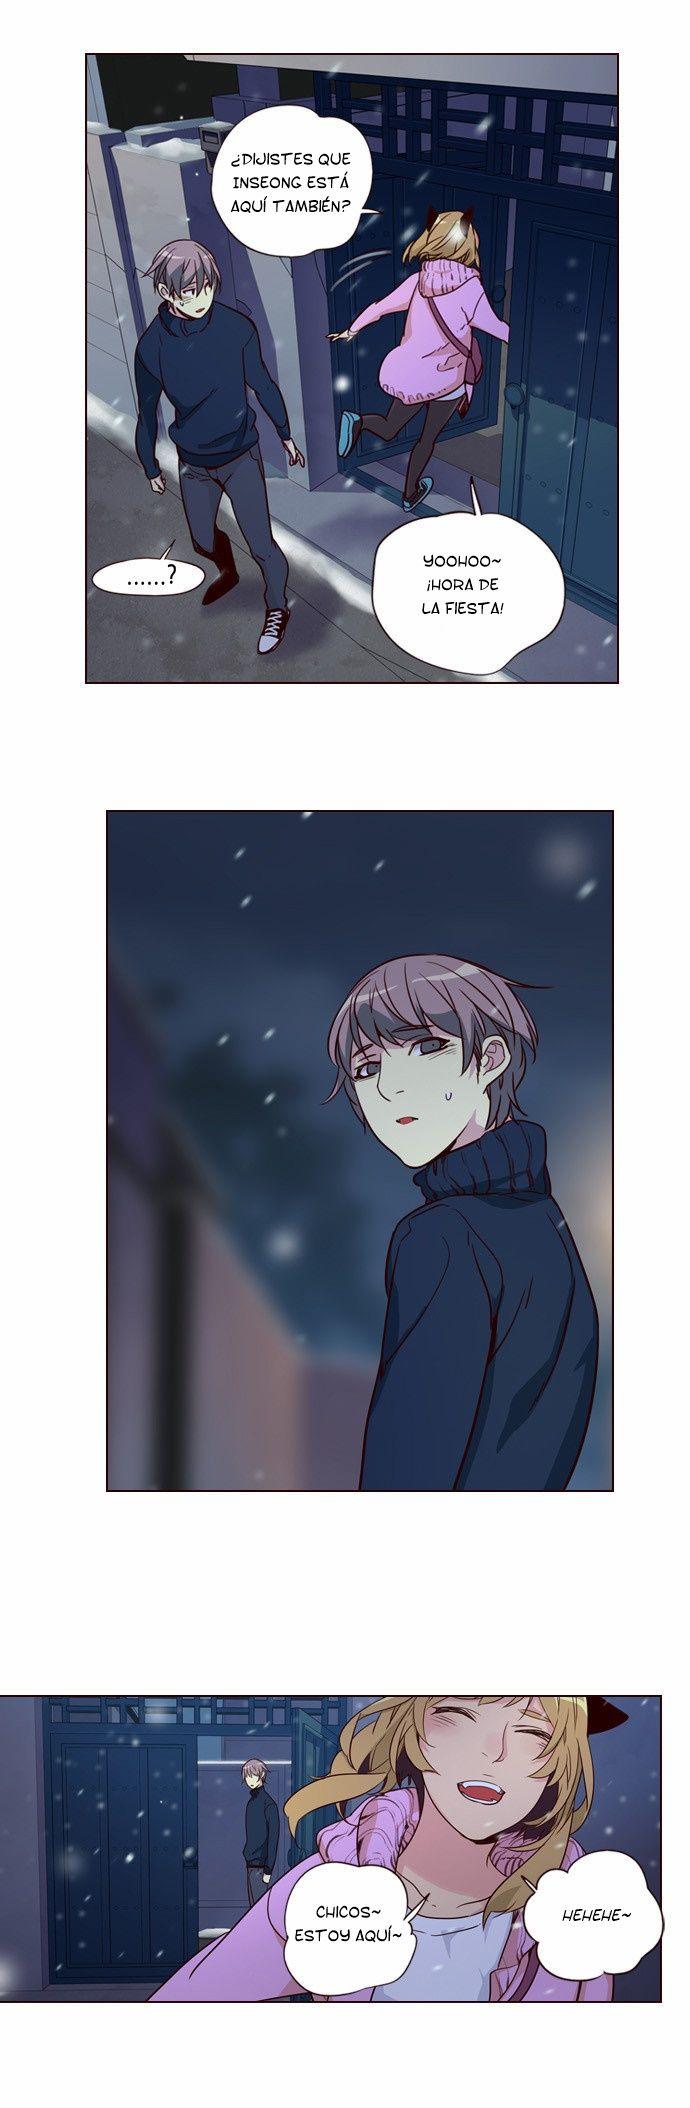 http://c5.ninemanga.com/es_manga/pic2/32/416/500274/62293b5570a7952f1eec7fe11638bb7e.jpg Page 6